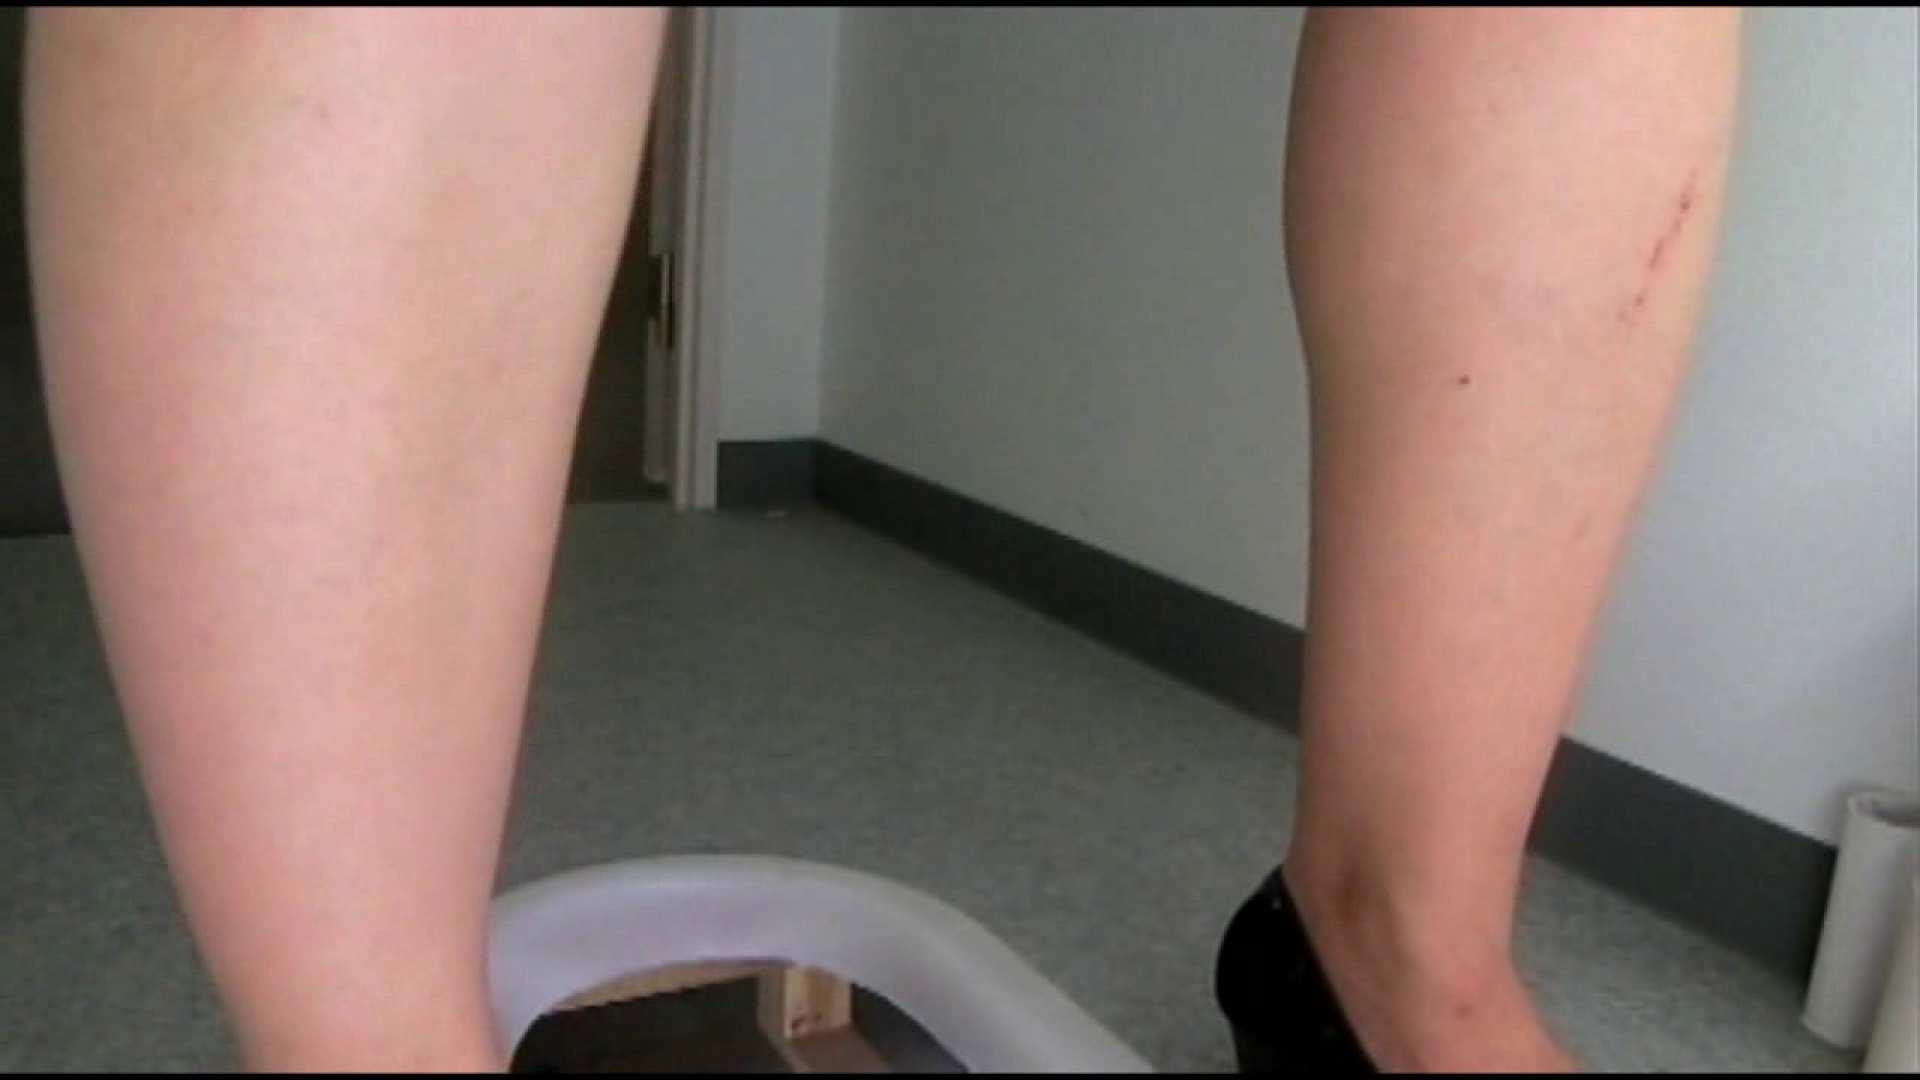 和式にまたがる女たちを待ちうけるカメラの衝撃映像vol.01 和式トイレ 性交動画流出 106pic 89